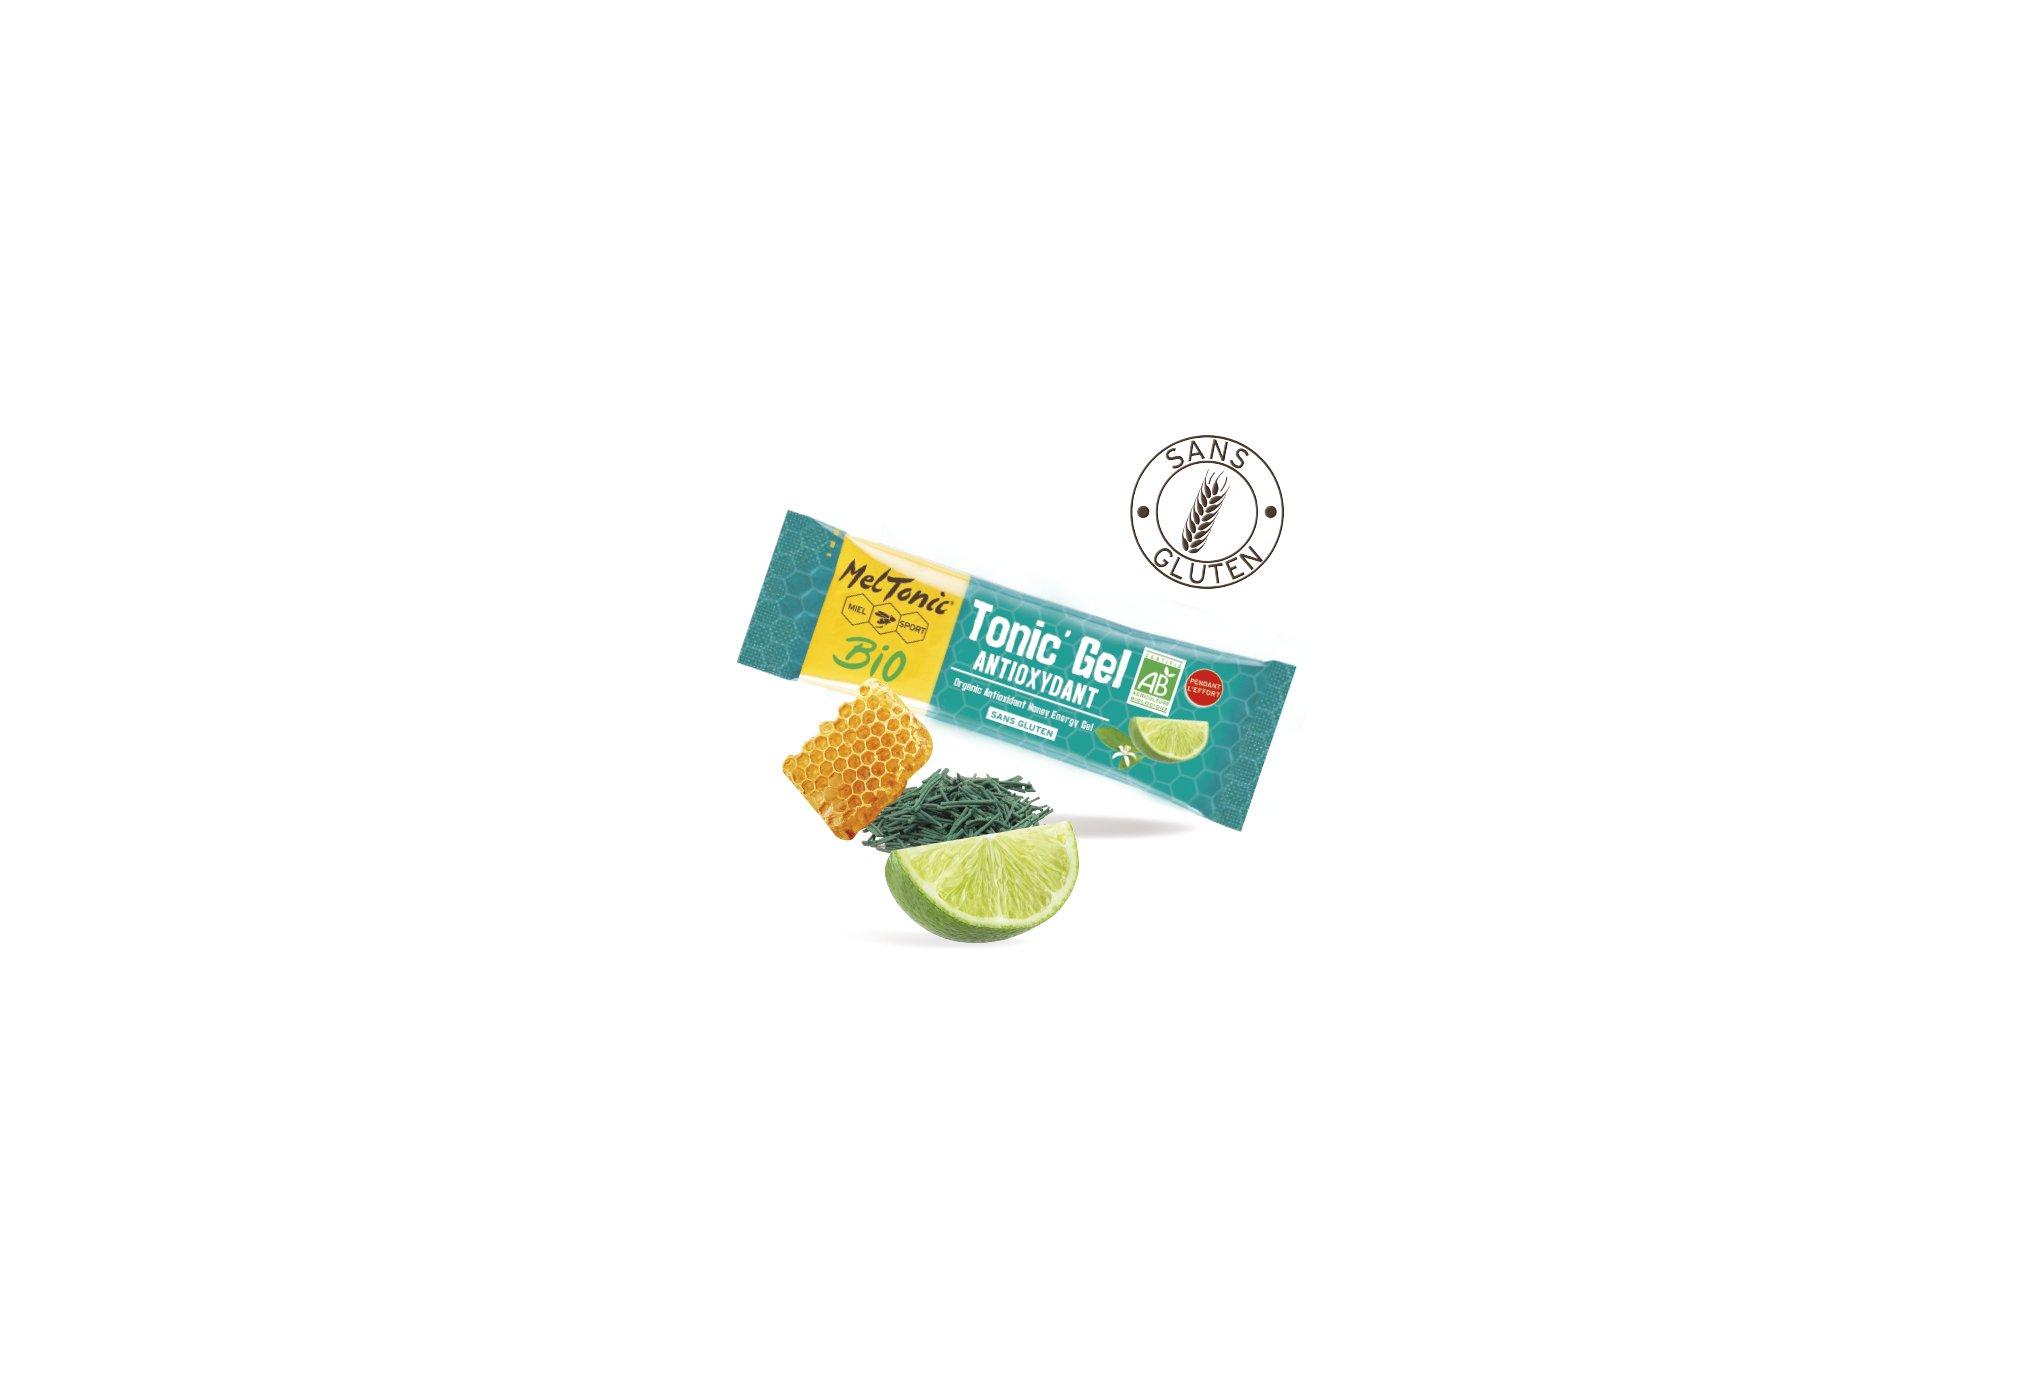 MelTonic Tonic'Gel Antioxydant Bio Diététique Gels